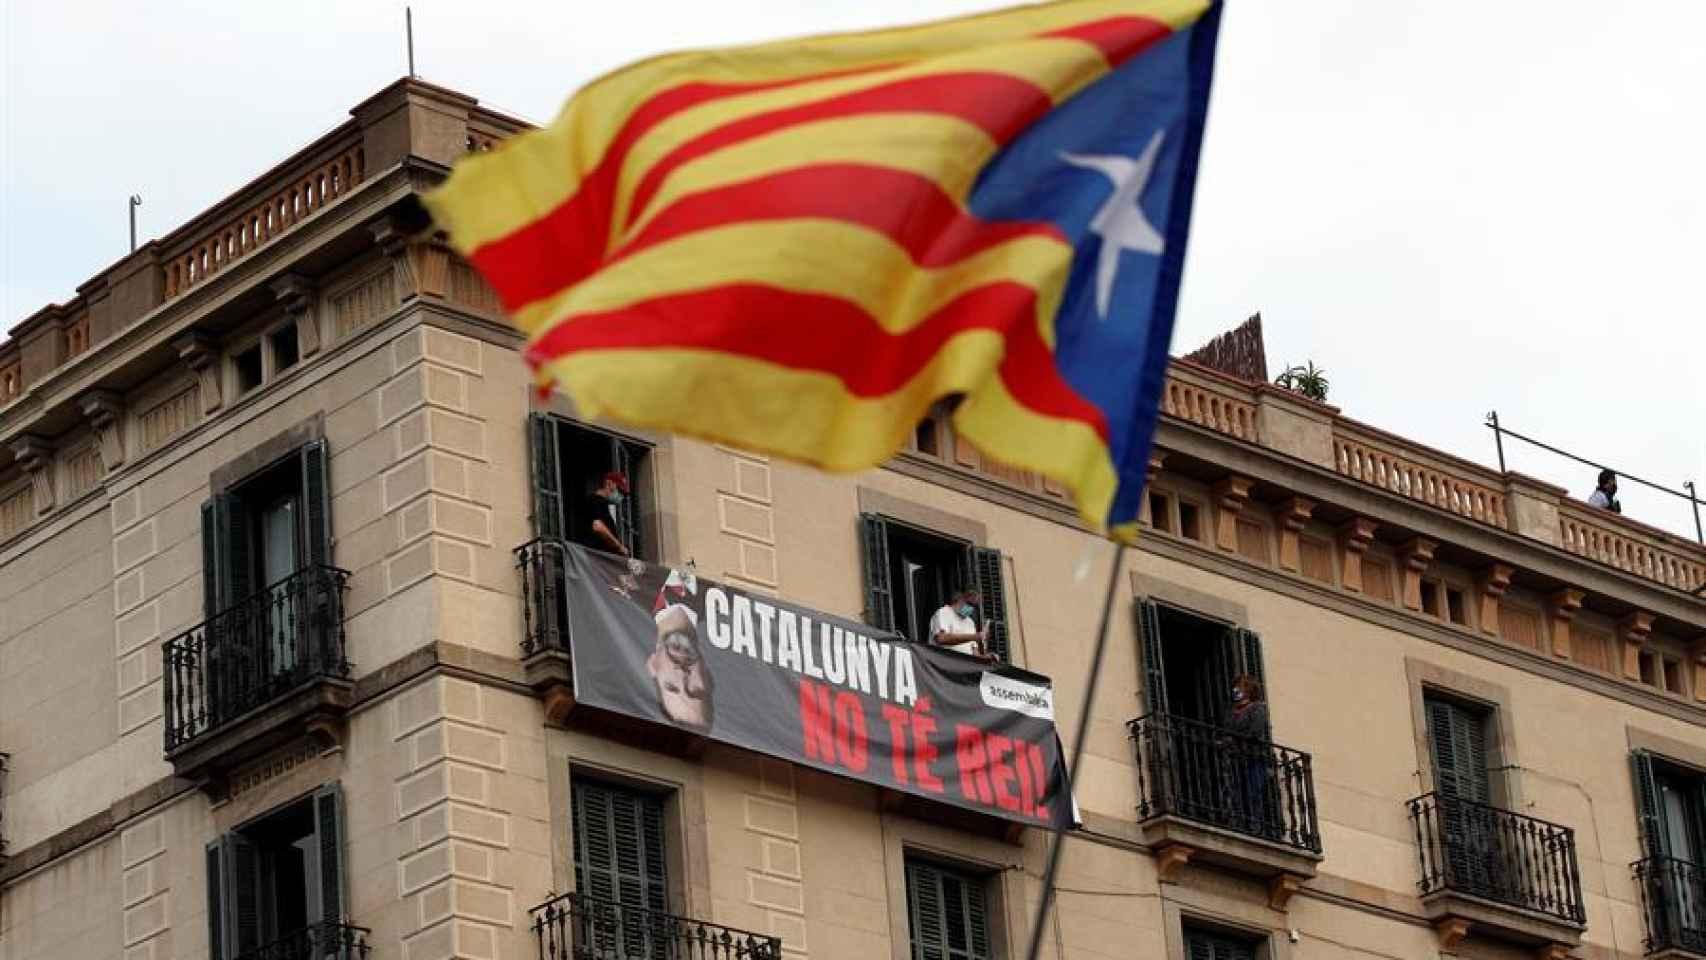 Las protestas en Cataluña por el viaje del Rey